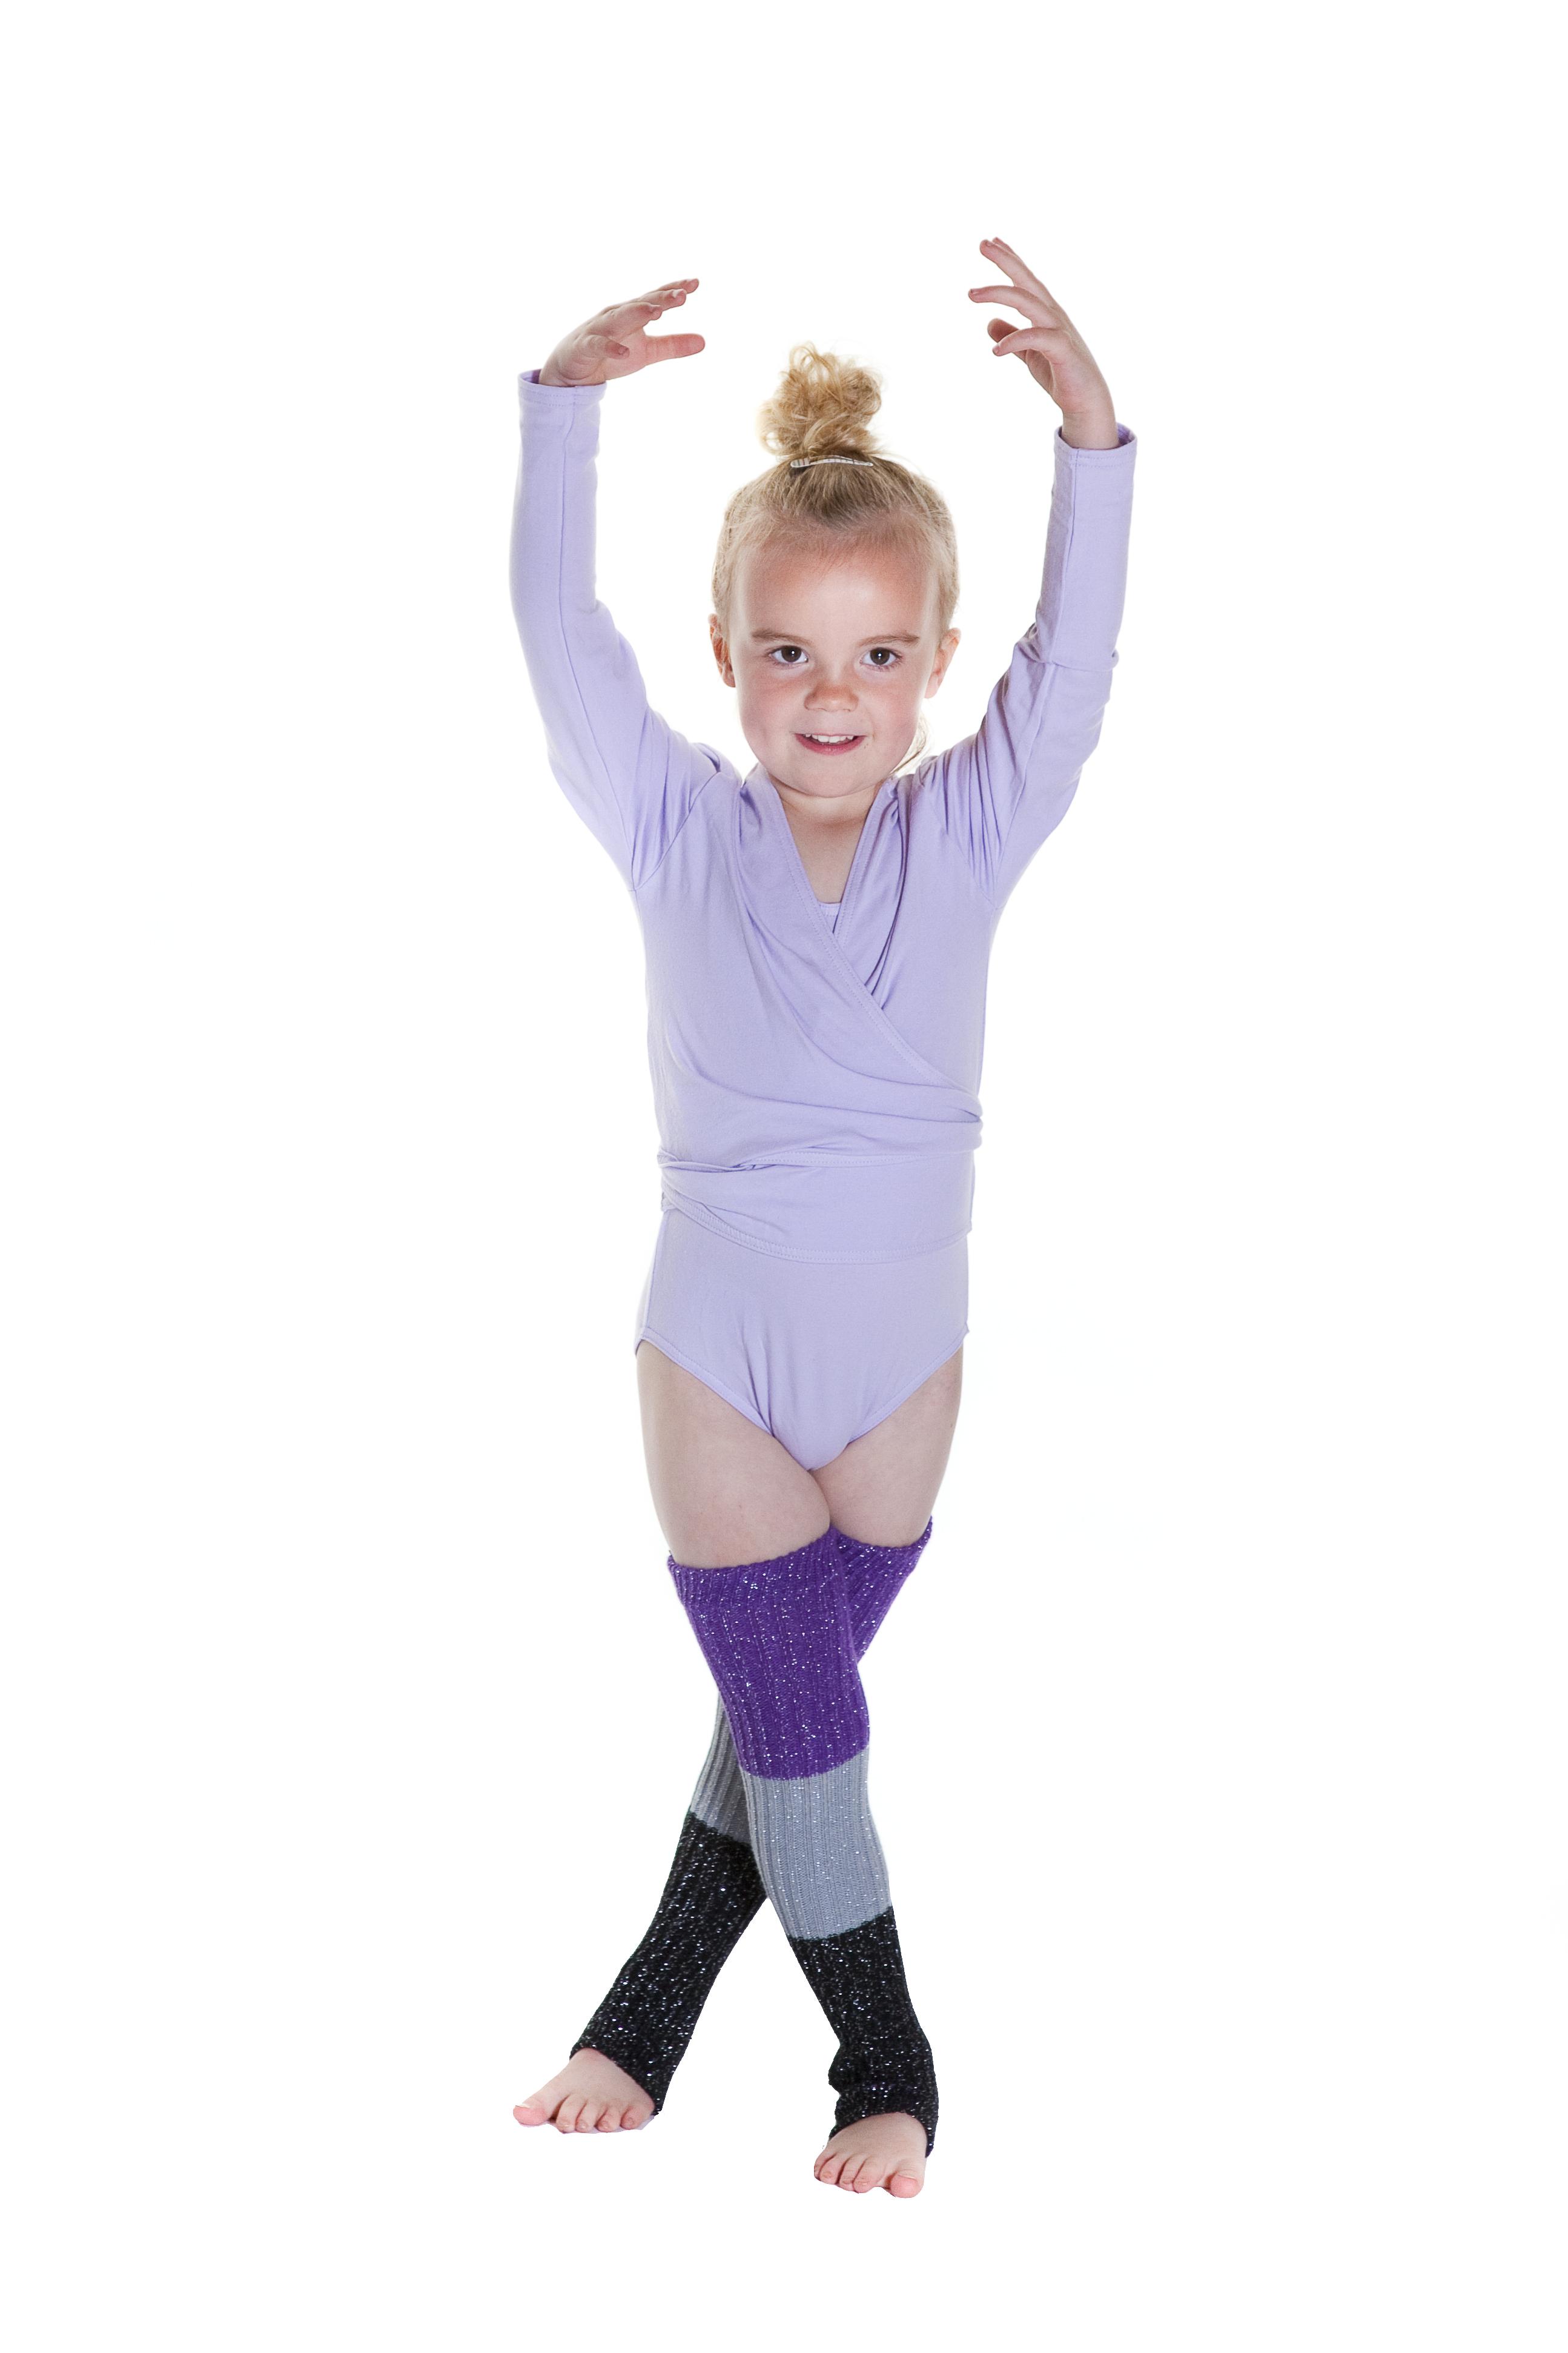 d5098cfd463 gymnastikdragter piger